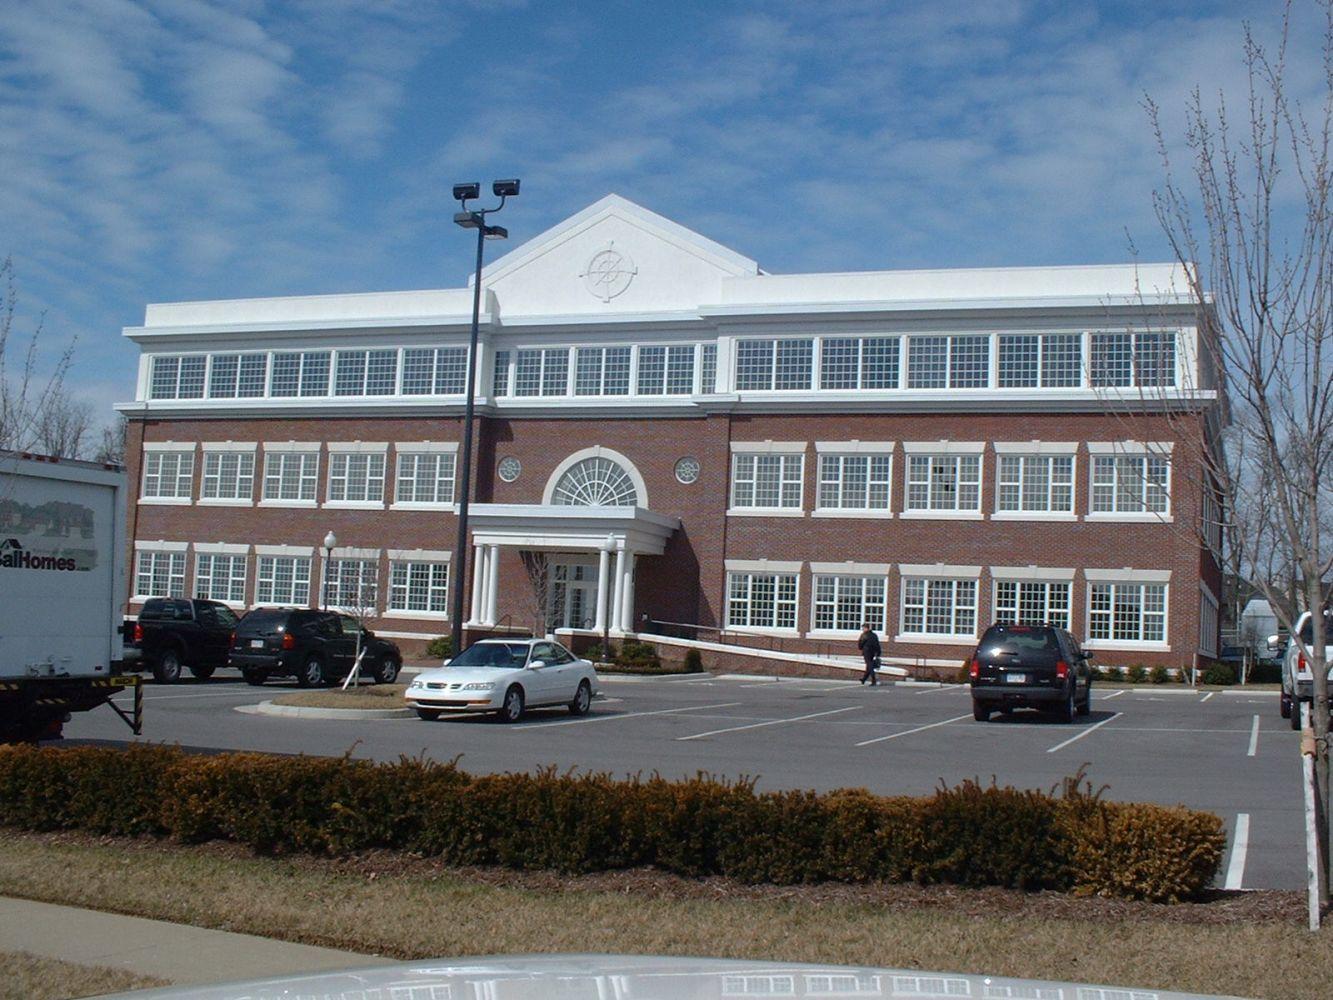 Ball Homes Office Building - Lexington, Ky.